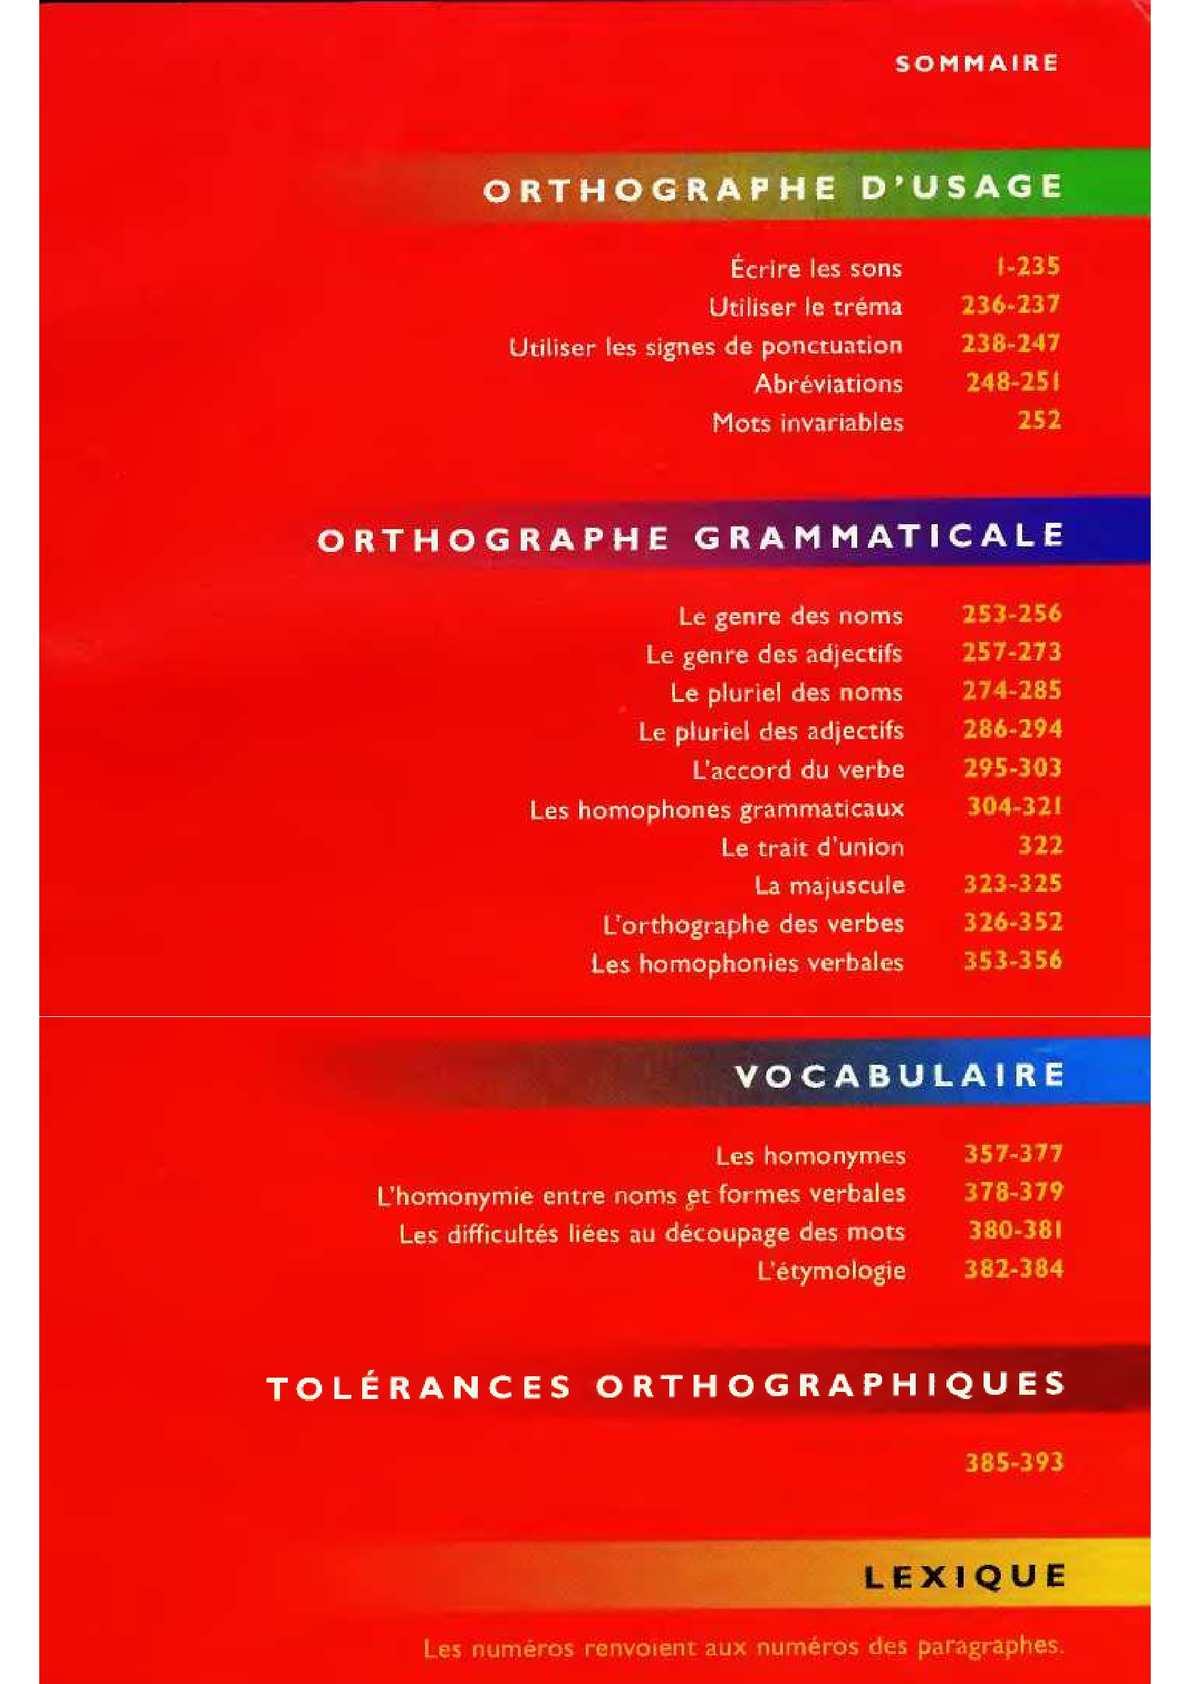 Langue française : les informations et les conseils d'ORTHONET